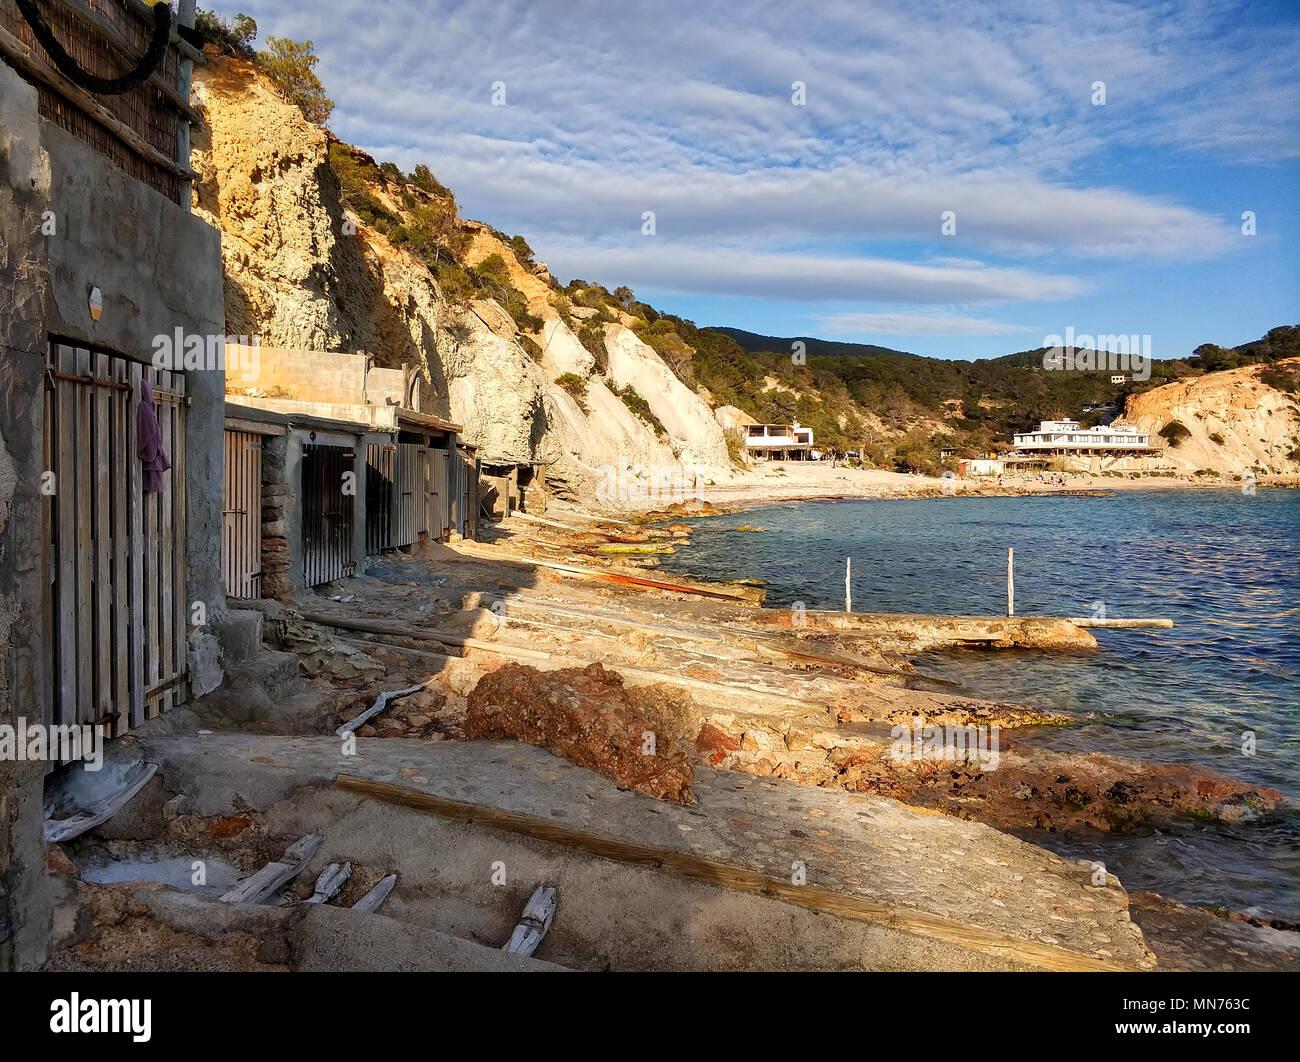 Cala d'Hort Playa Barca y garajes. La isla de Ibiza, Islas Baleares. España Imagen De Stock